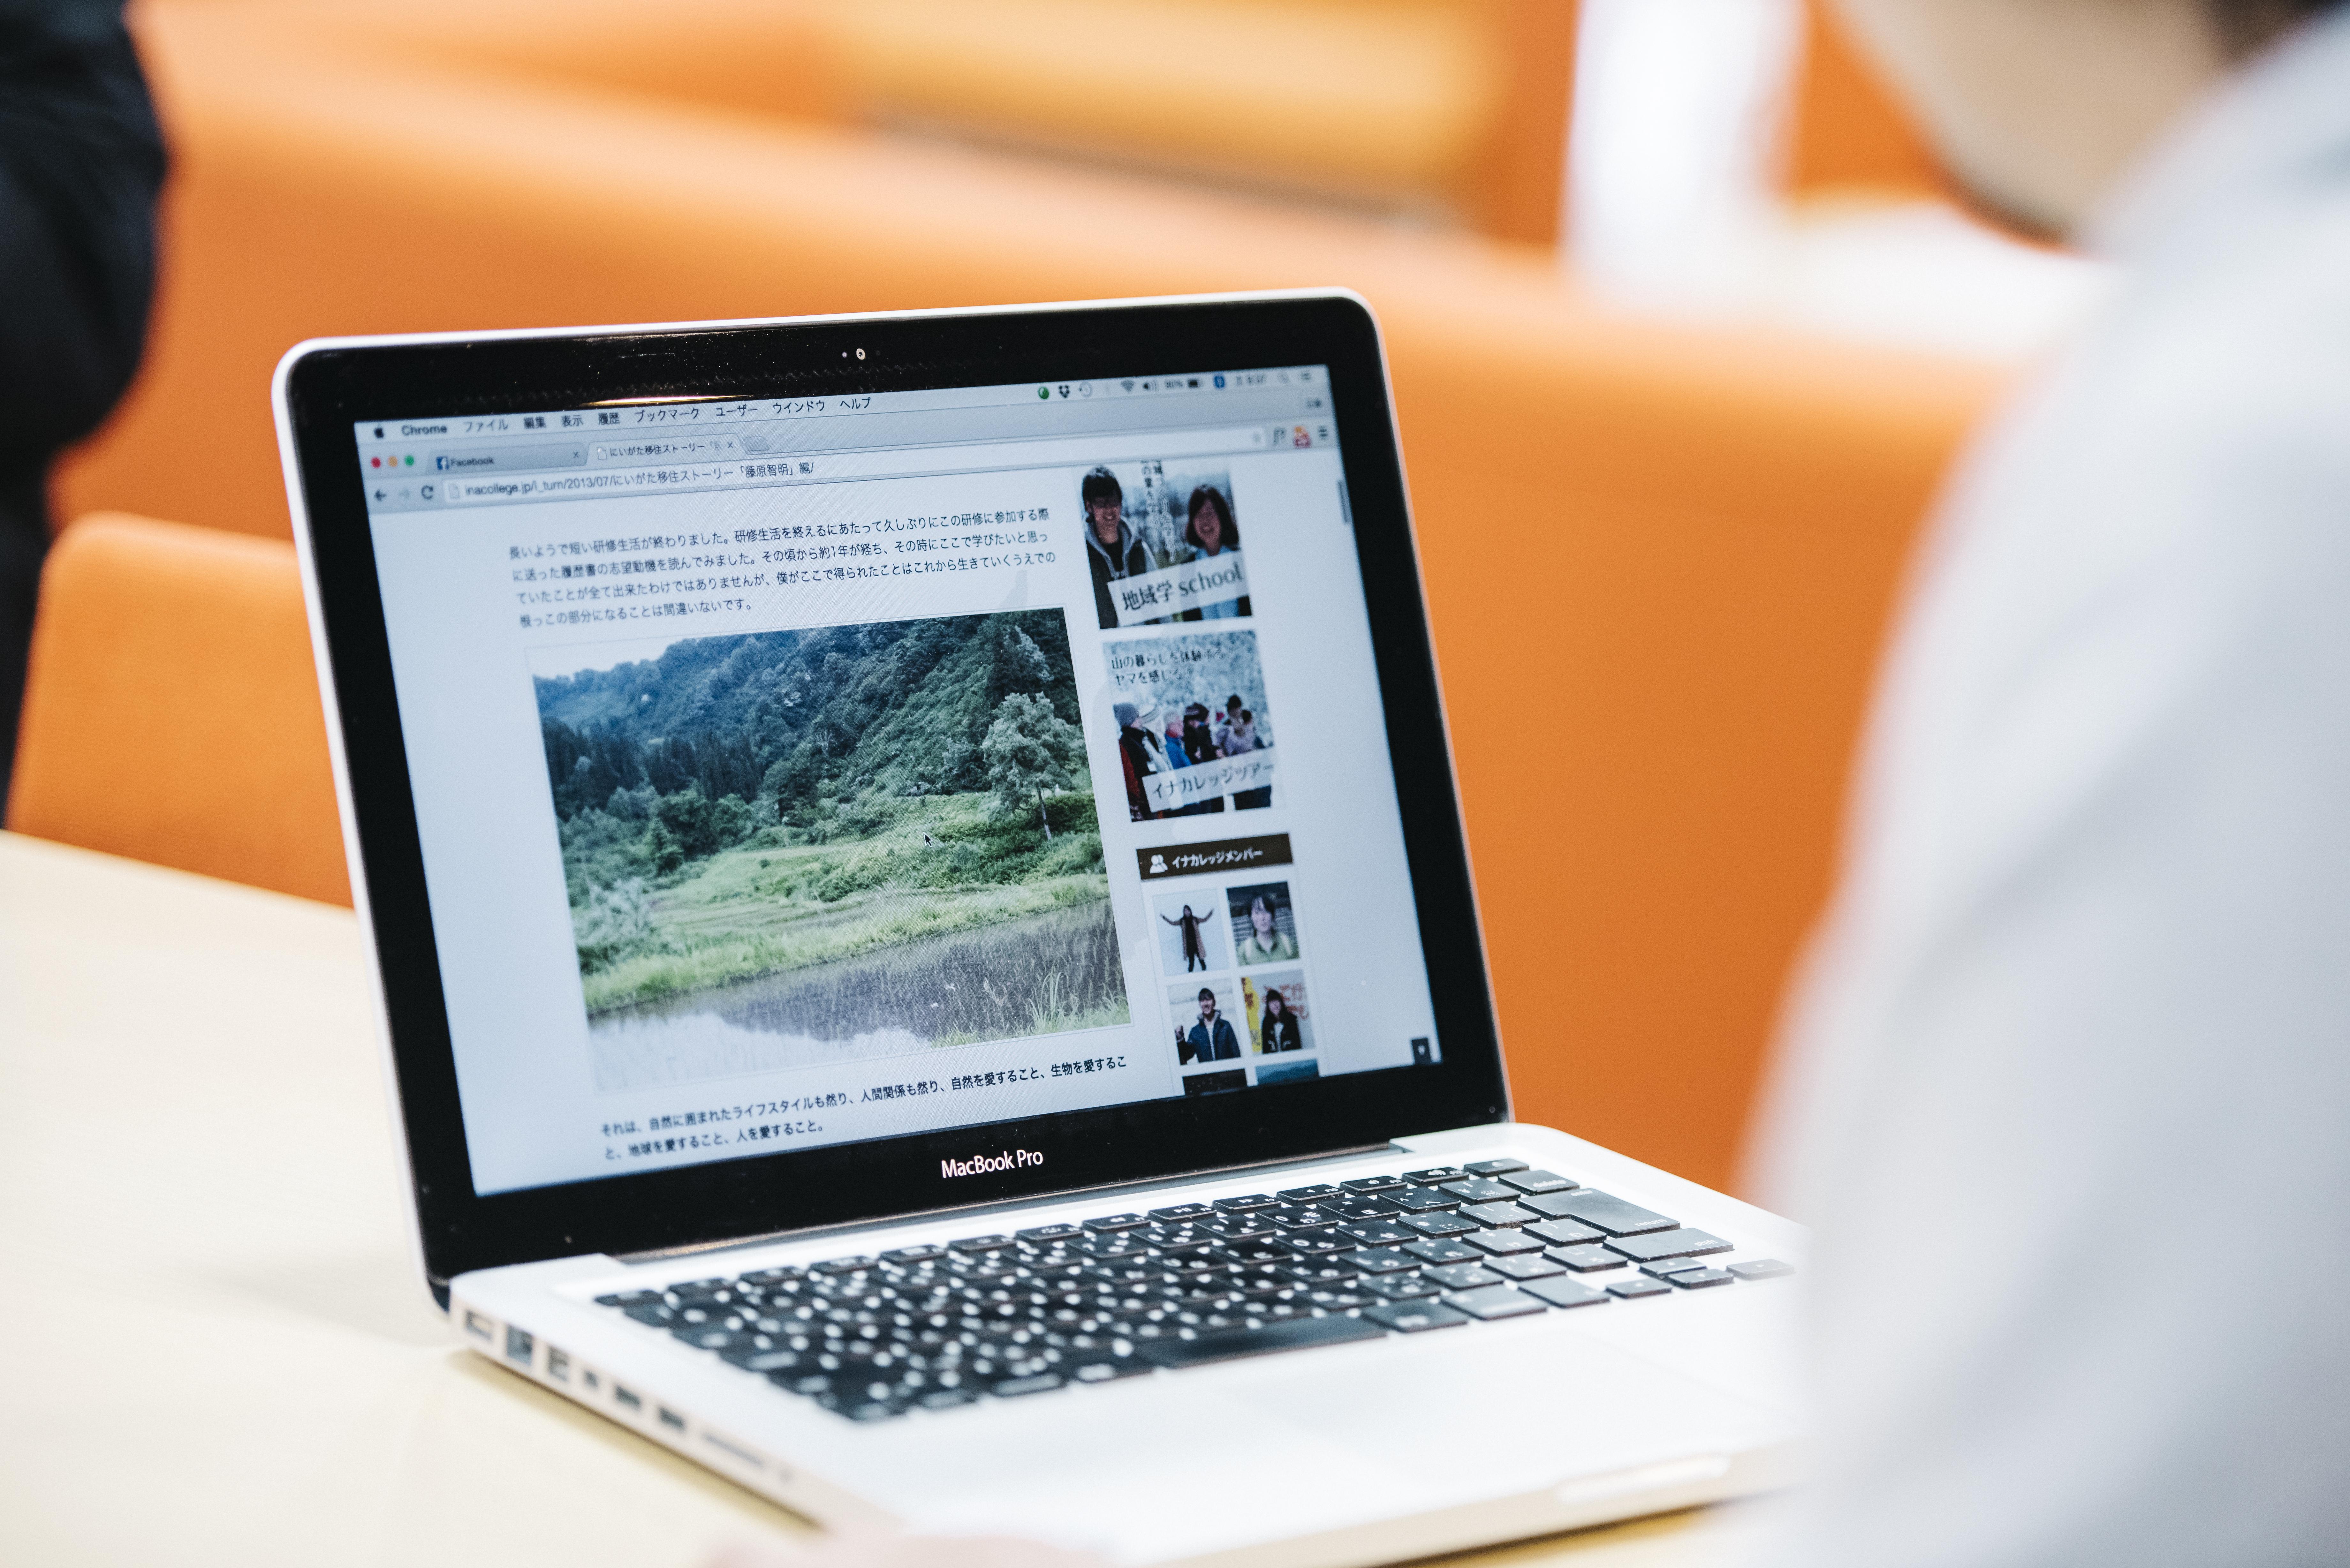 インターンシップの応募を募るイナカレッジのWEBサイト。田舎暮らしの魅力を伝える記事を配信している。